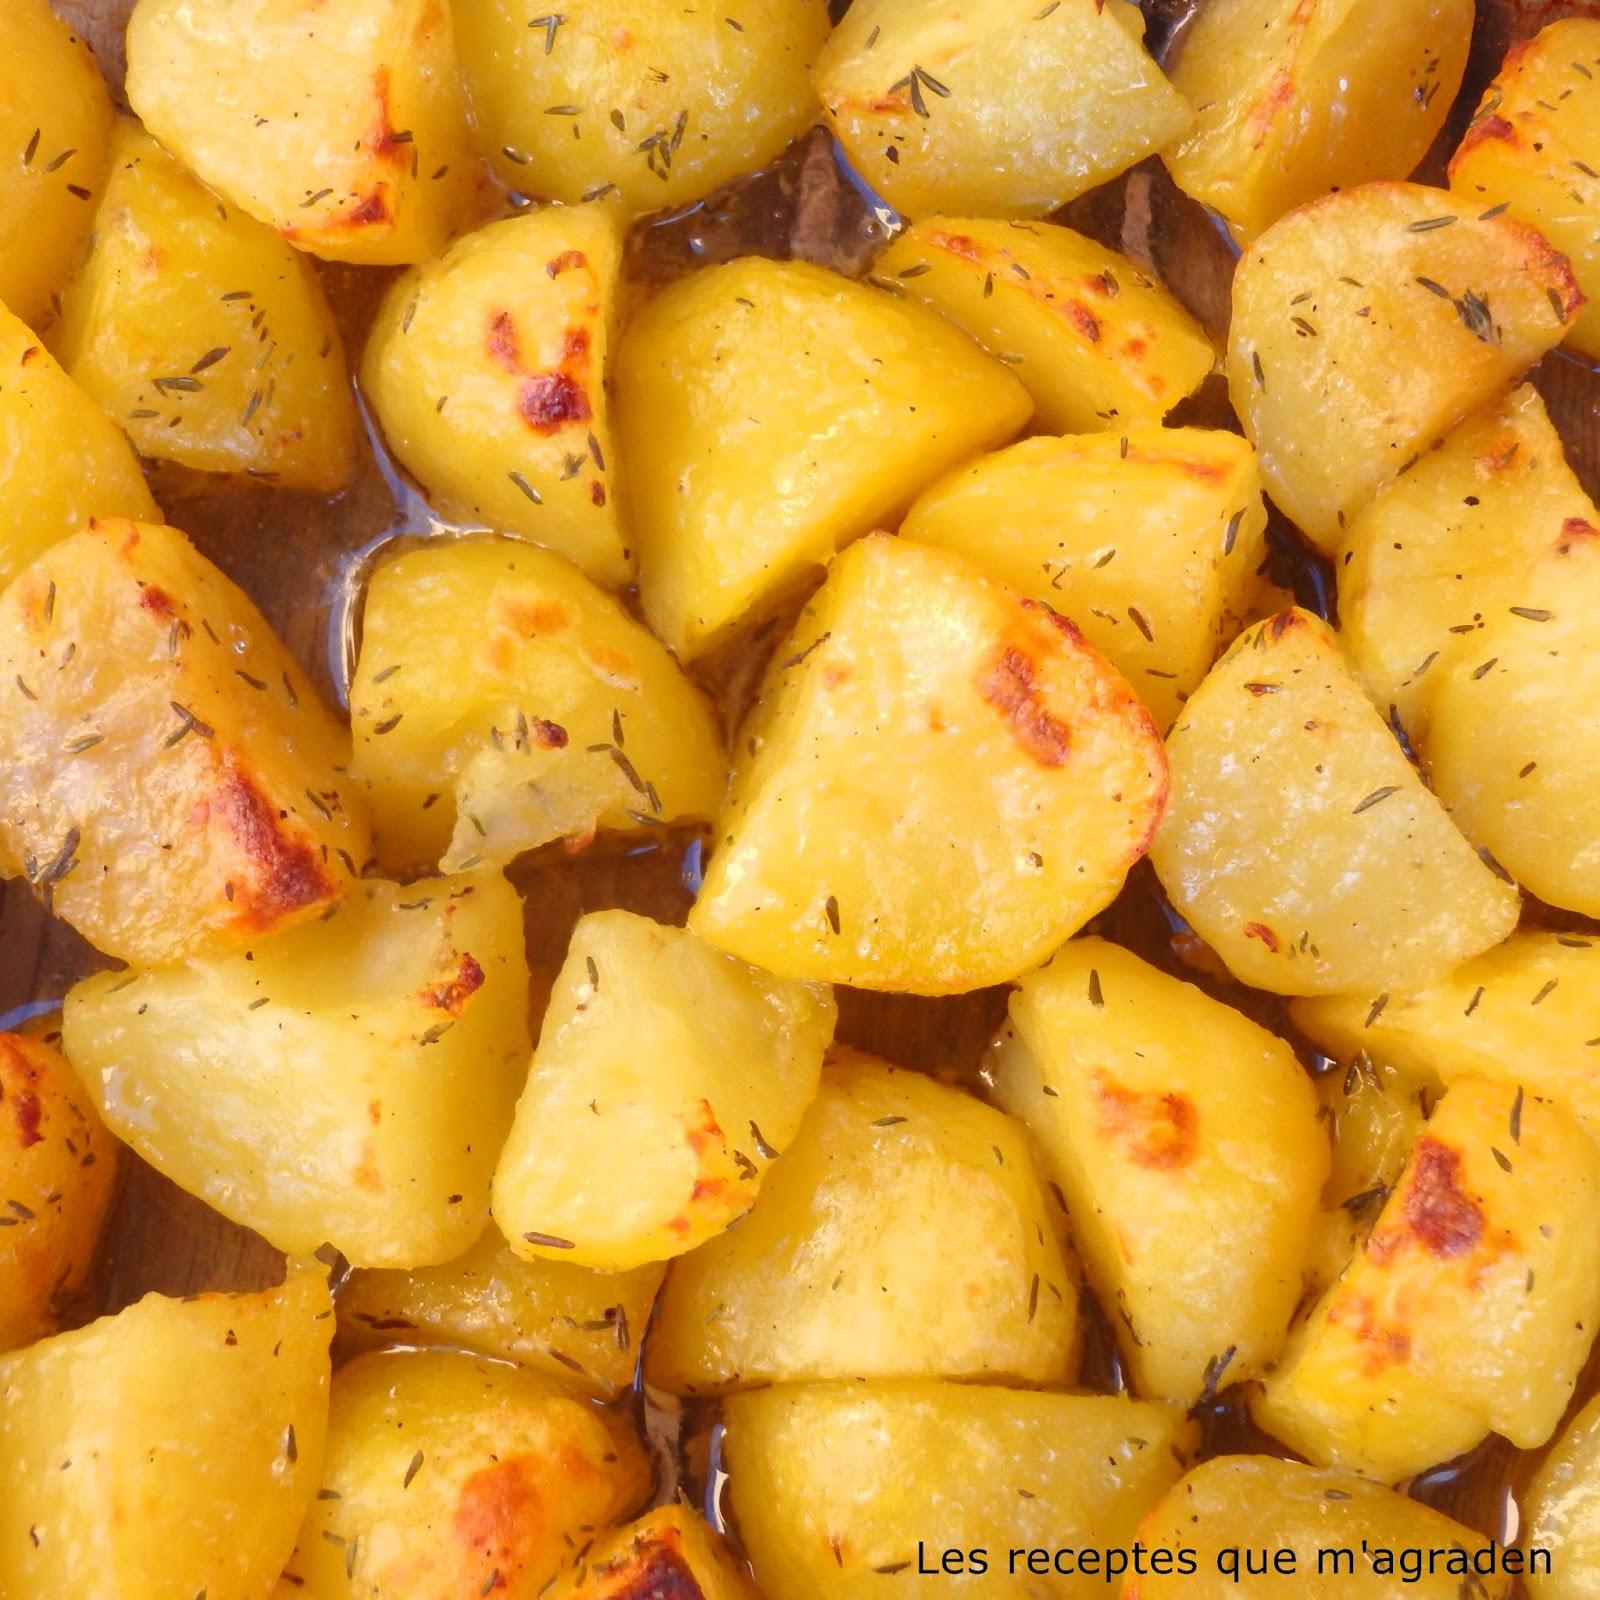 Les receptes que m 39 agraden patatas al horno para guarnici n - Patatas pequenas al horno ...